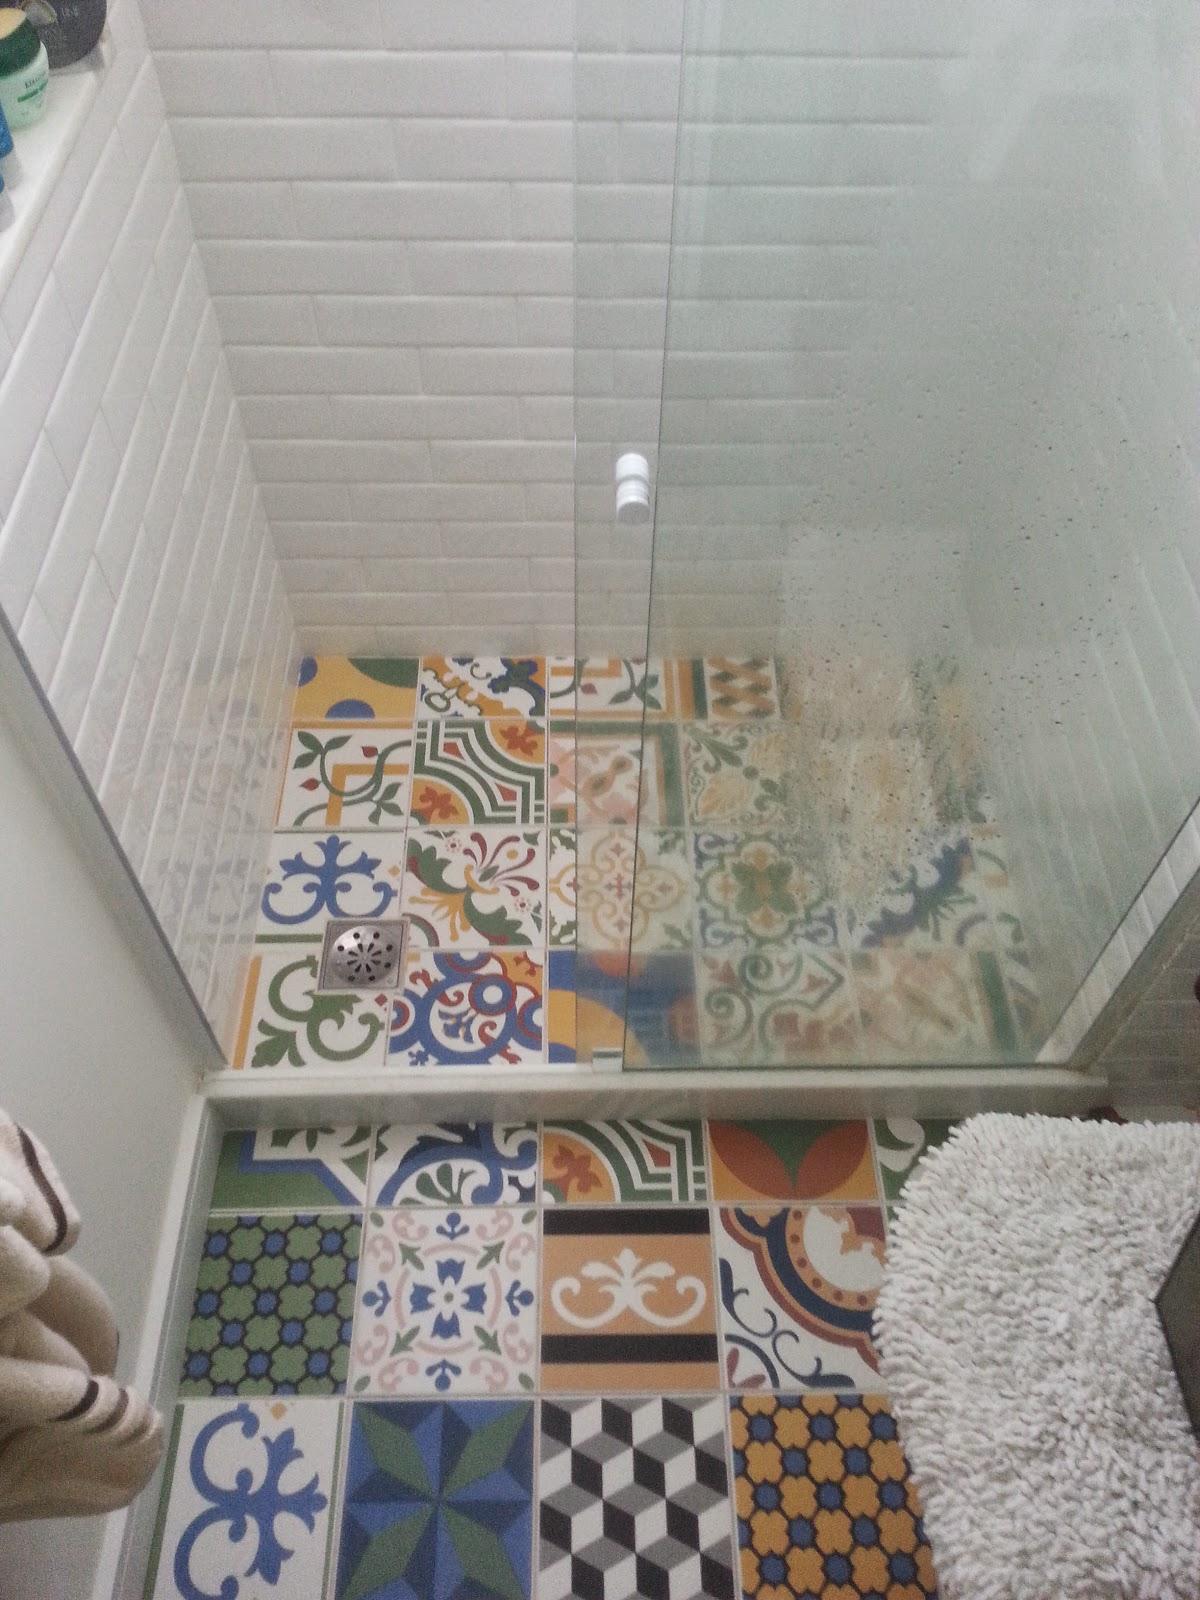 PISO BANHEIRO PORCELANATO DE LADRILHO HIDRAULICO IMPERMEABILIZADO COM  #634A3D 1200x1600 Banheiro Azulejo Hidraulico